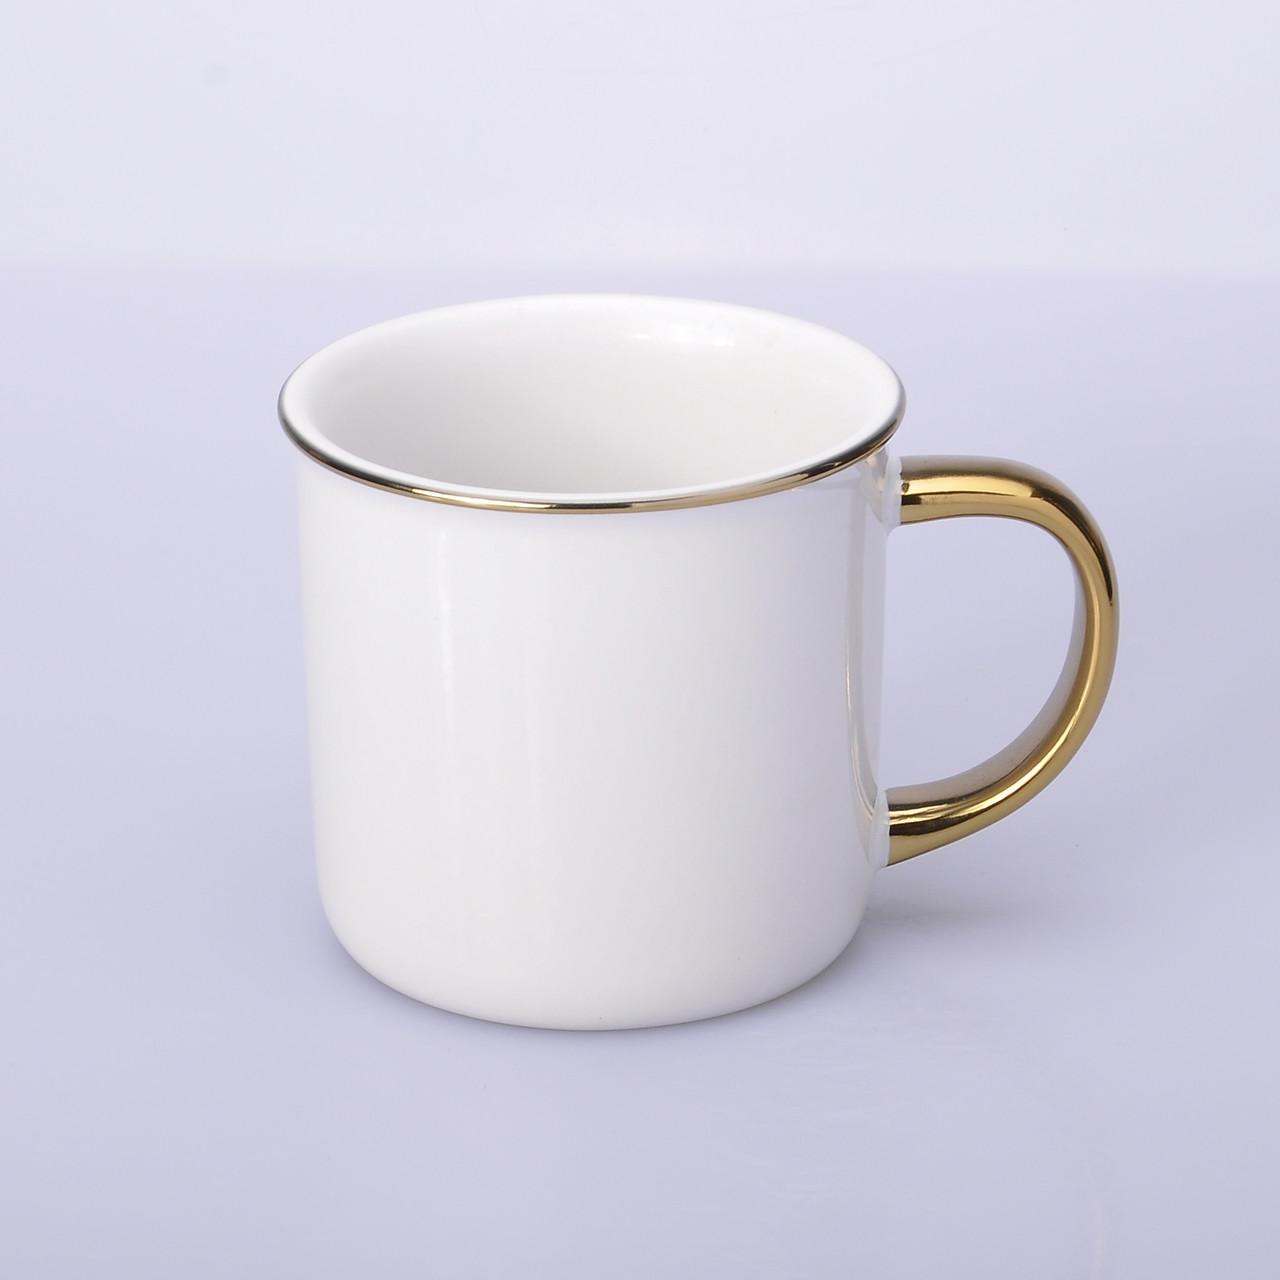 Эмалированая чашка для сублимации цветной ободок и ручка (золото)